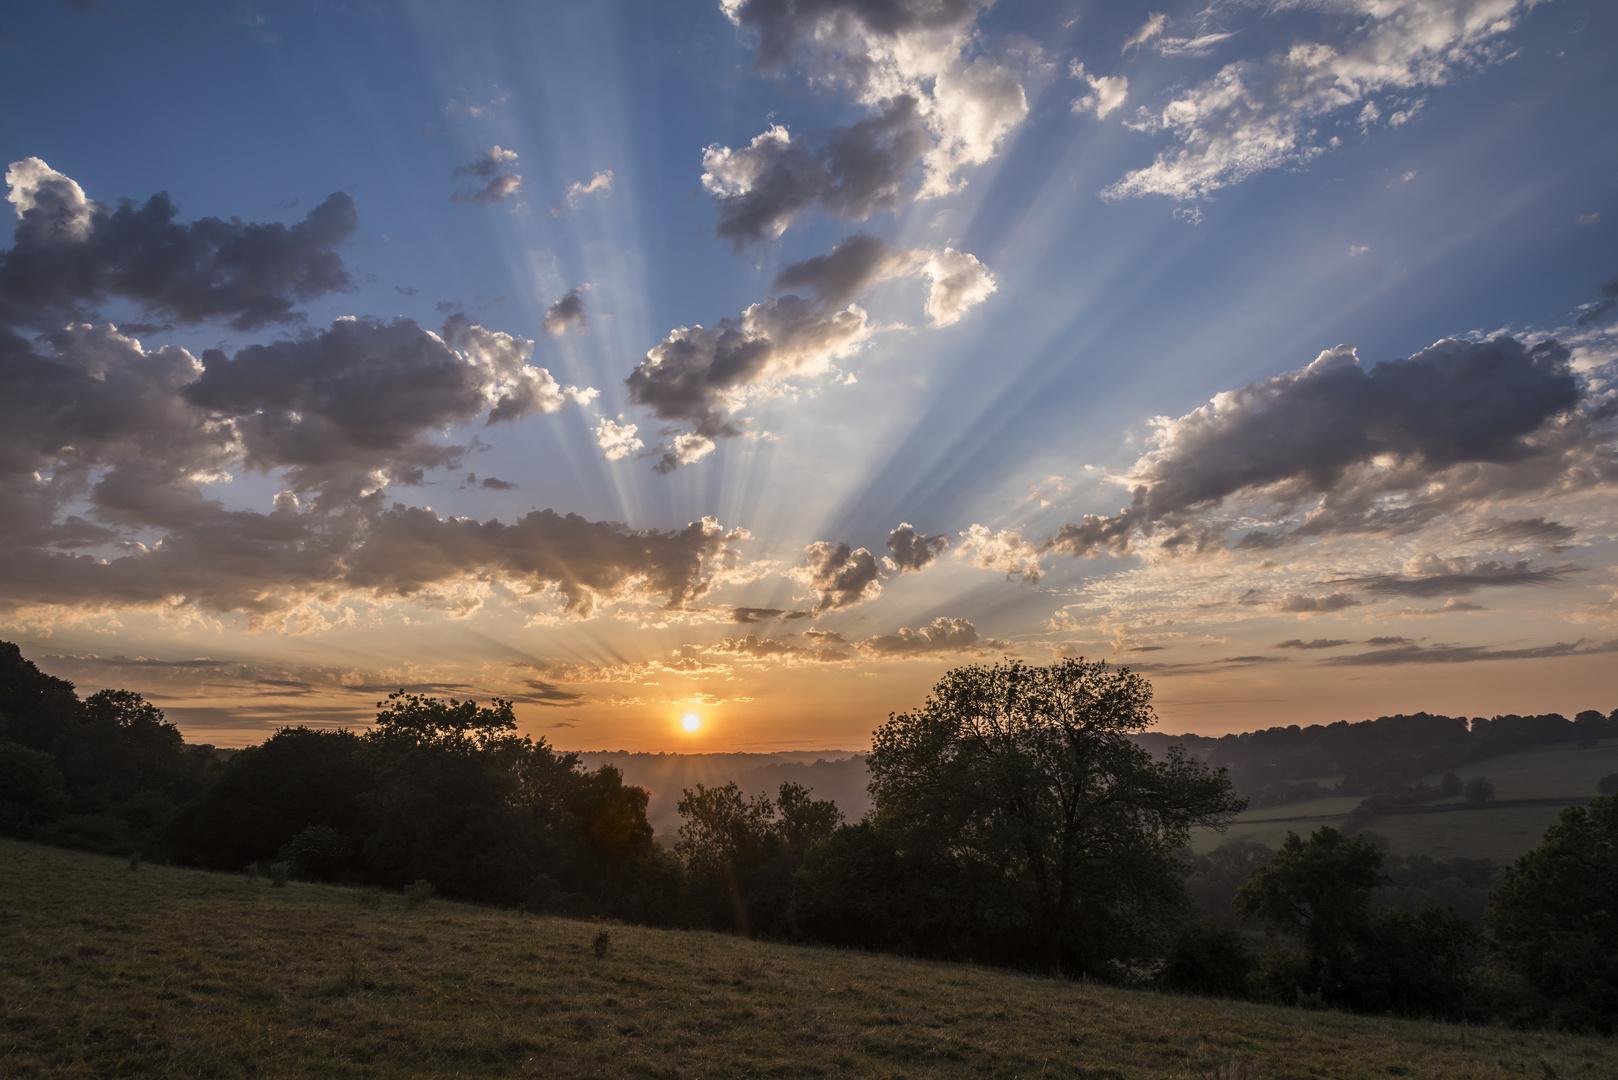 *Westwood sunset*